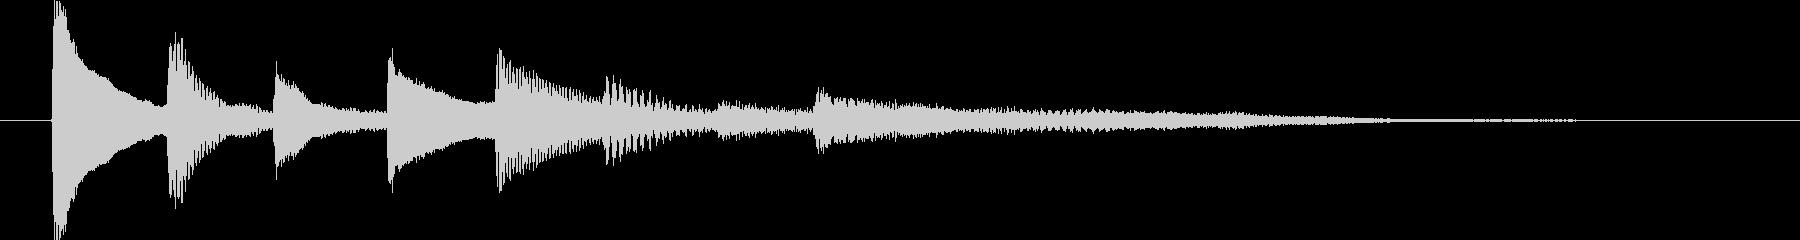 ピアノ転回音7の未再生の波形